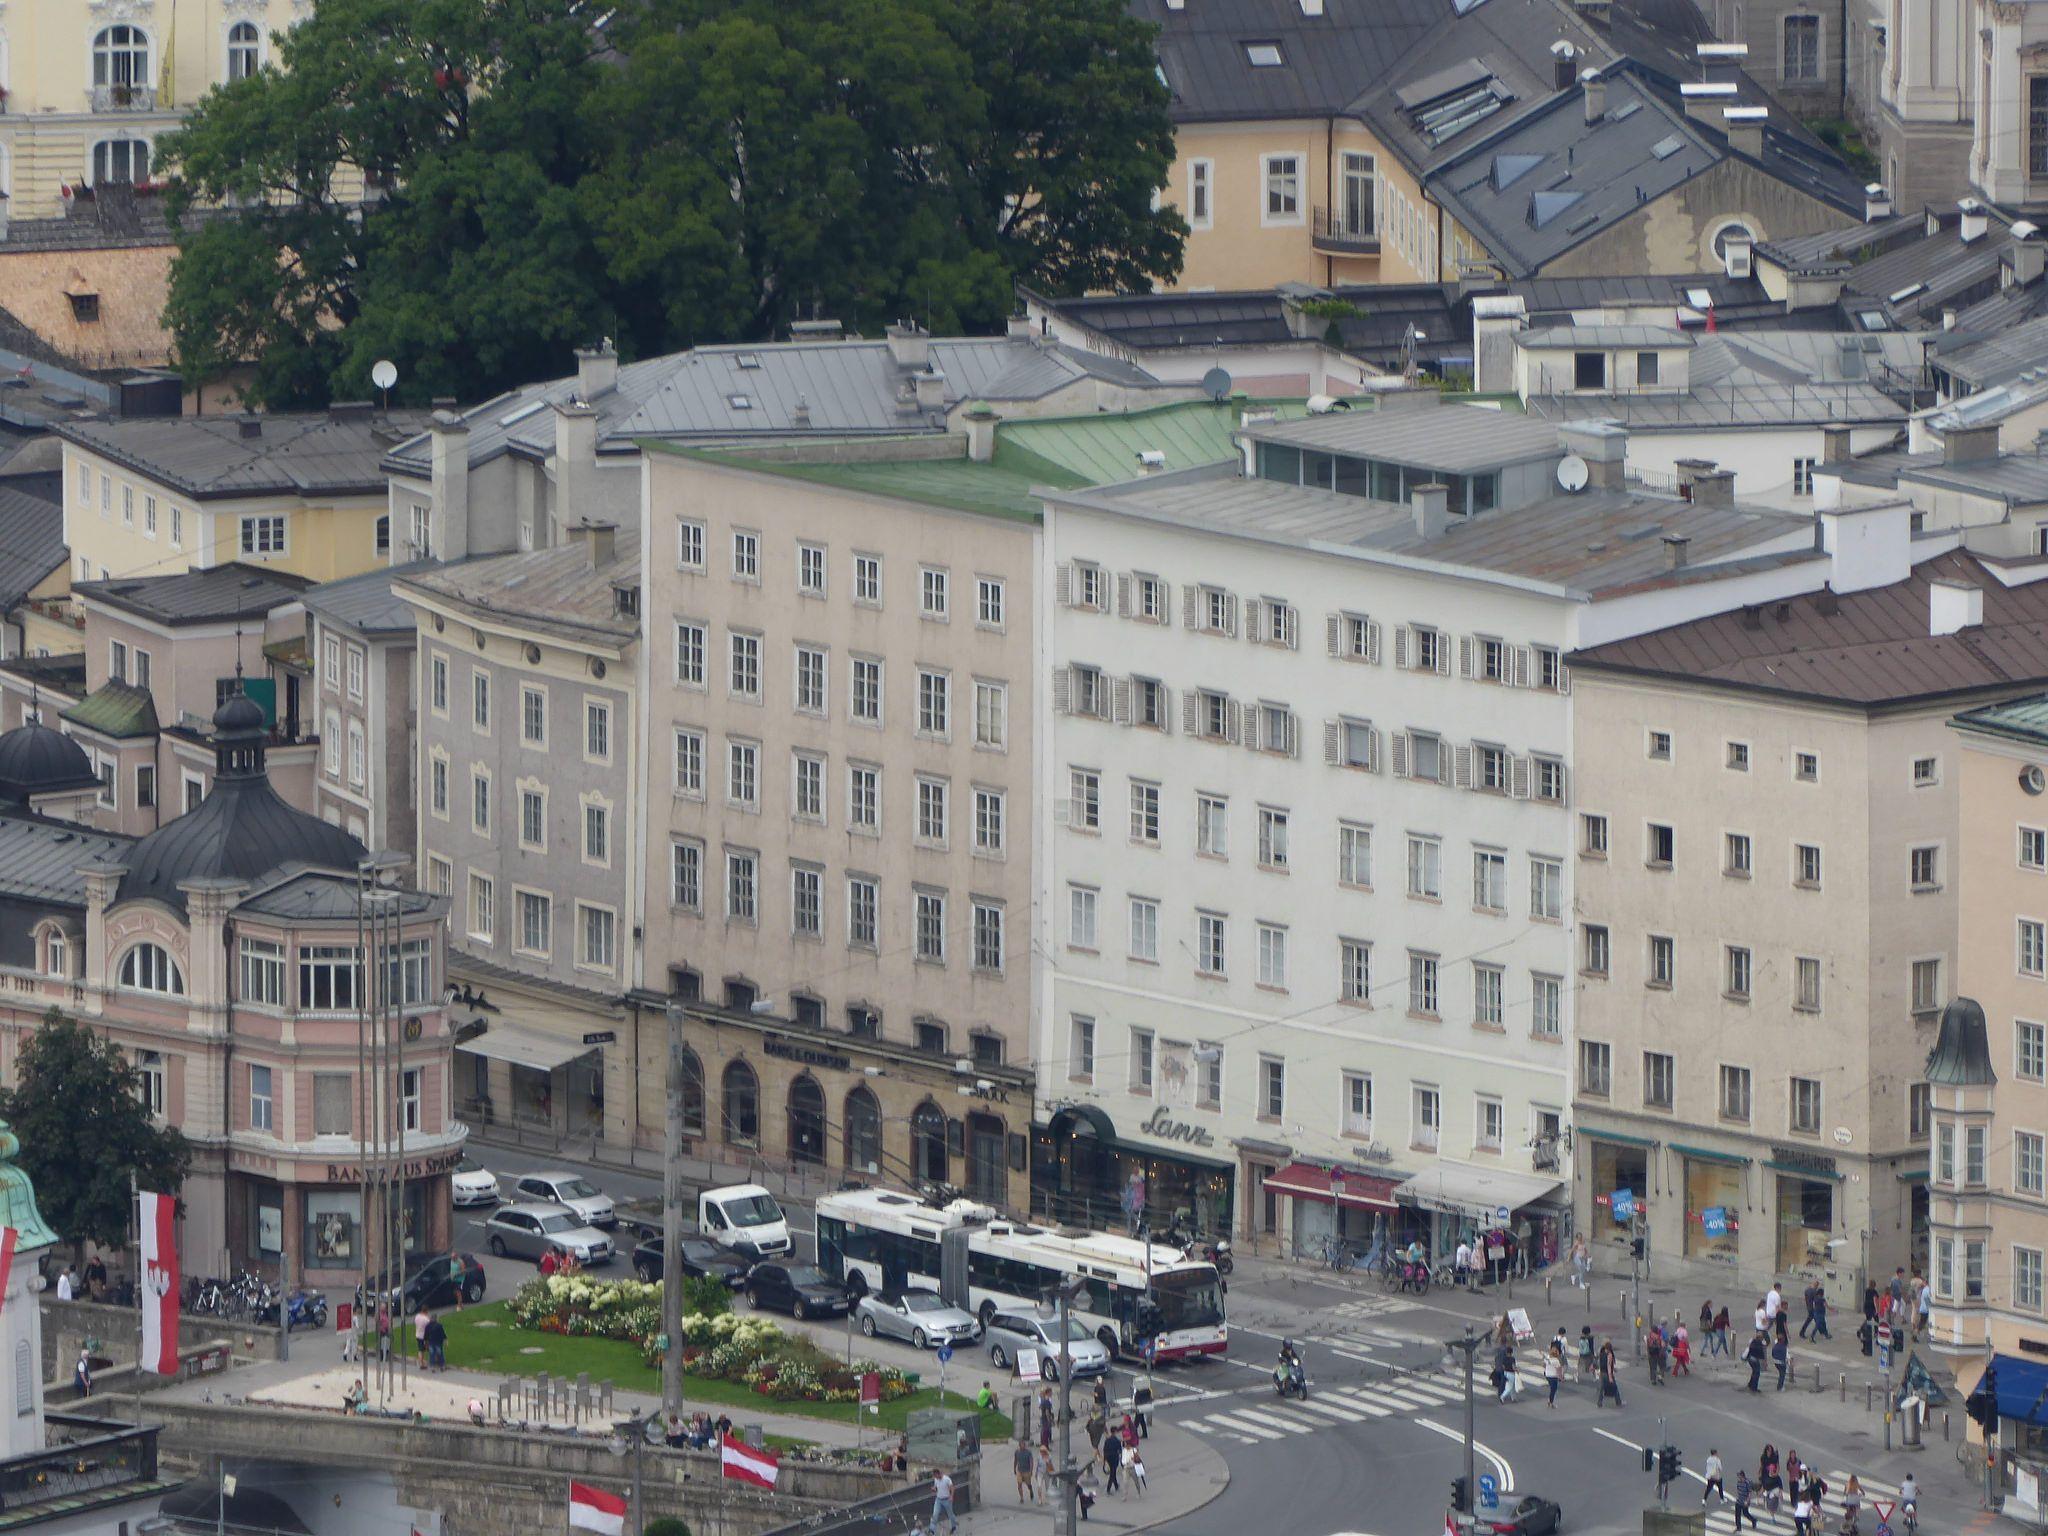 https://flic.kr/p/KUebbv | Schwarzstraße, Salzburg